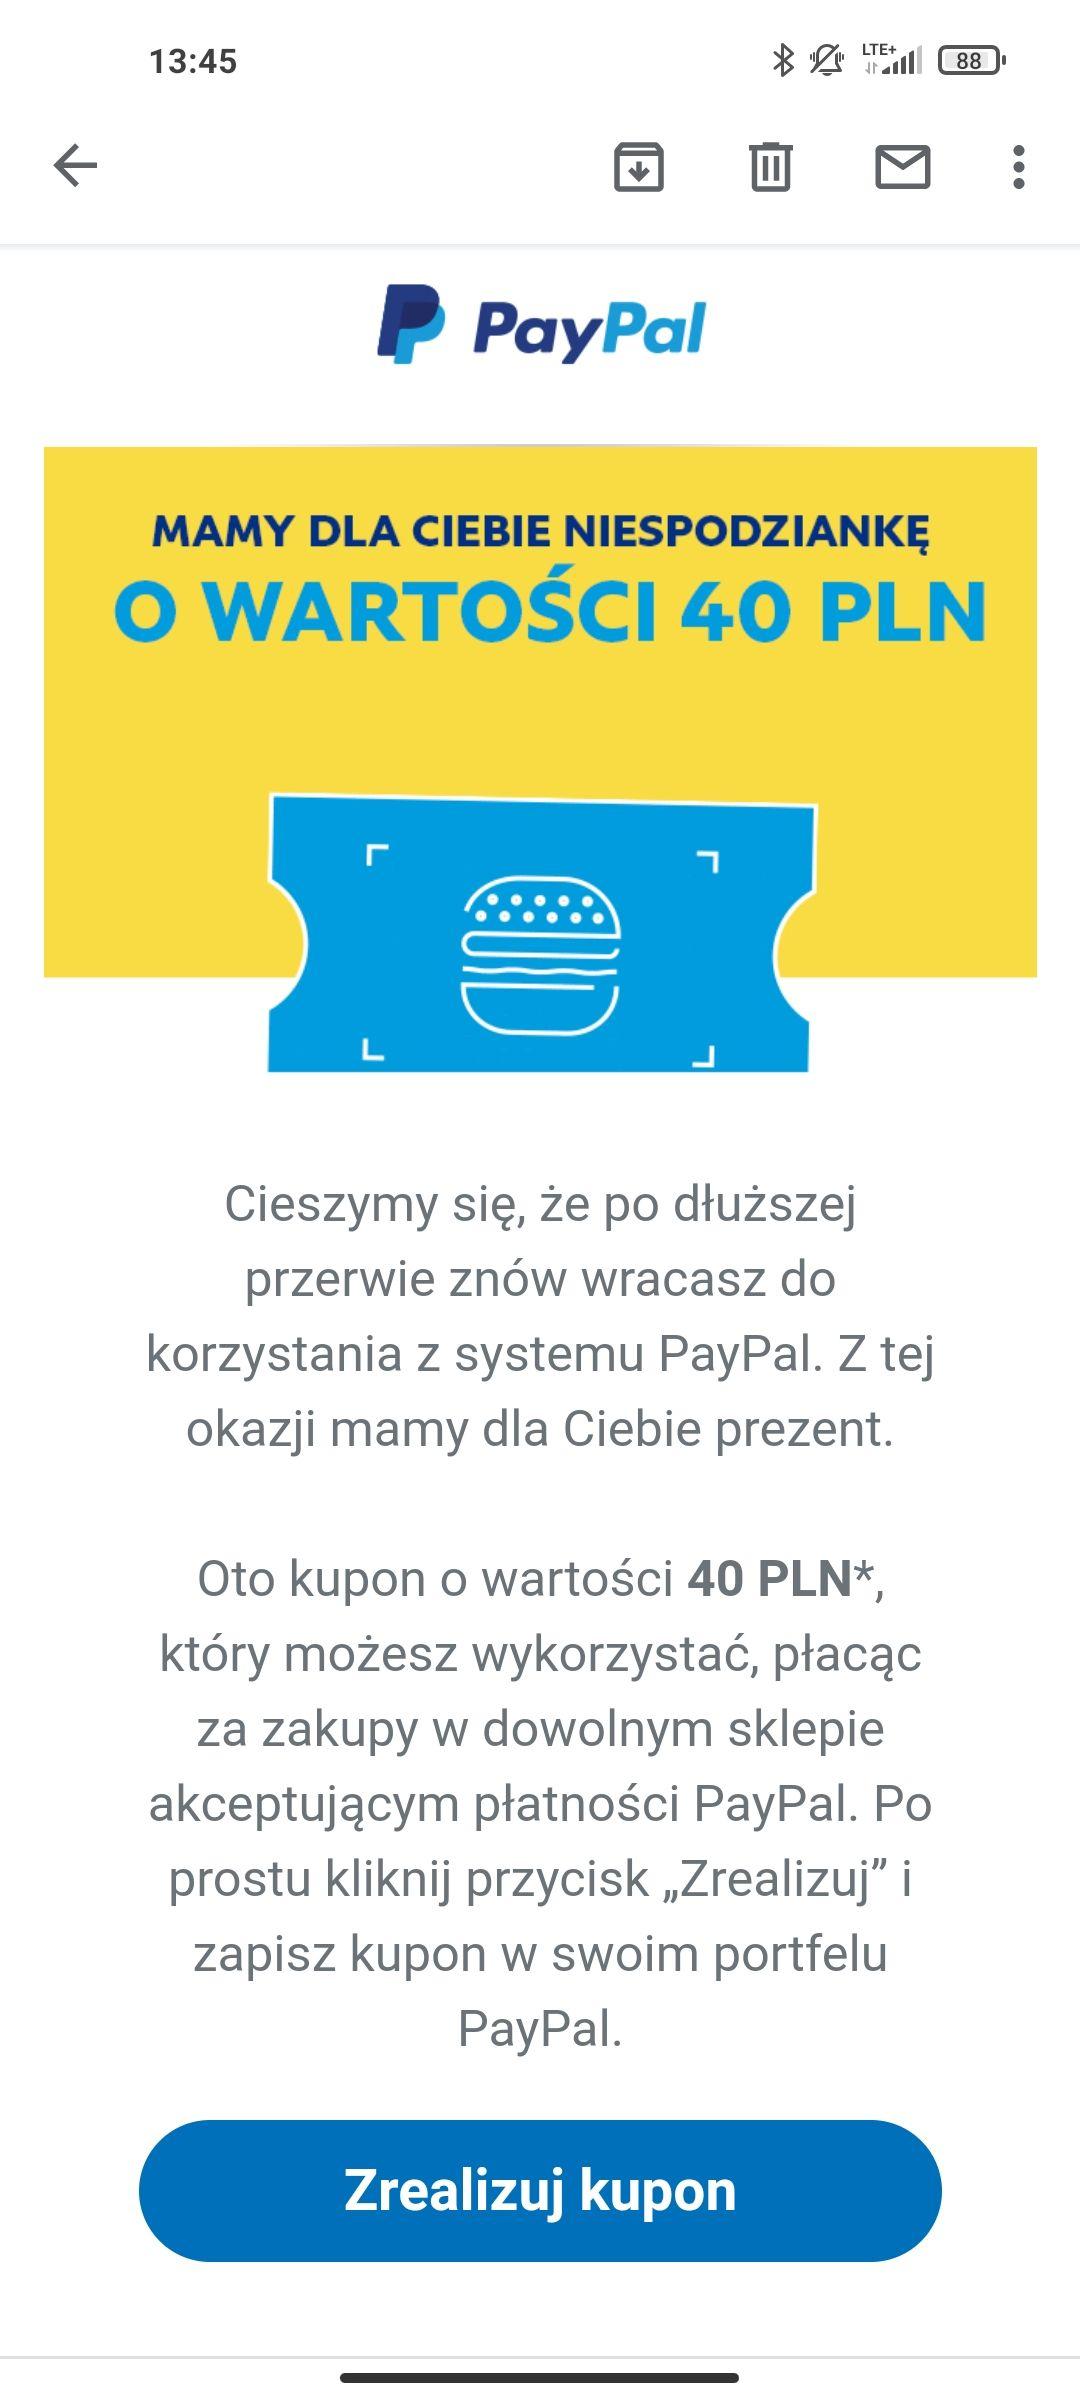 PAYPAL - kupon 40 zł na dowolne zakupy